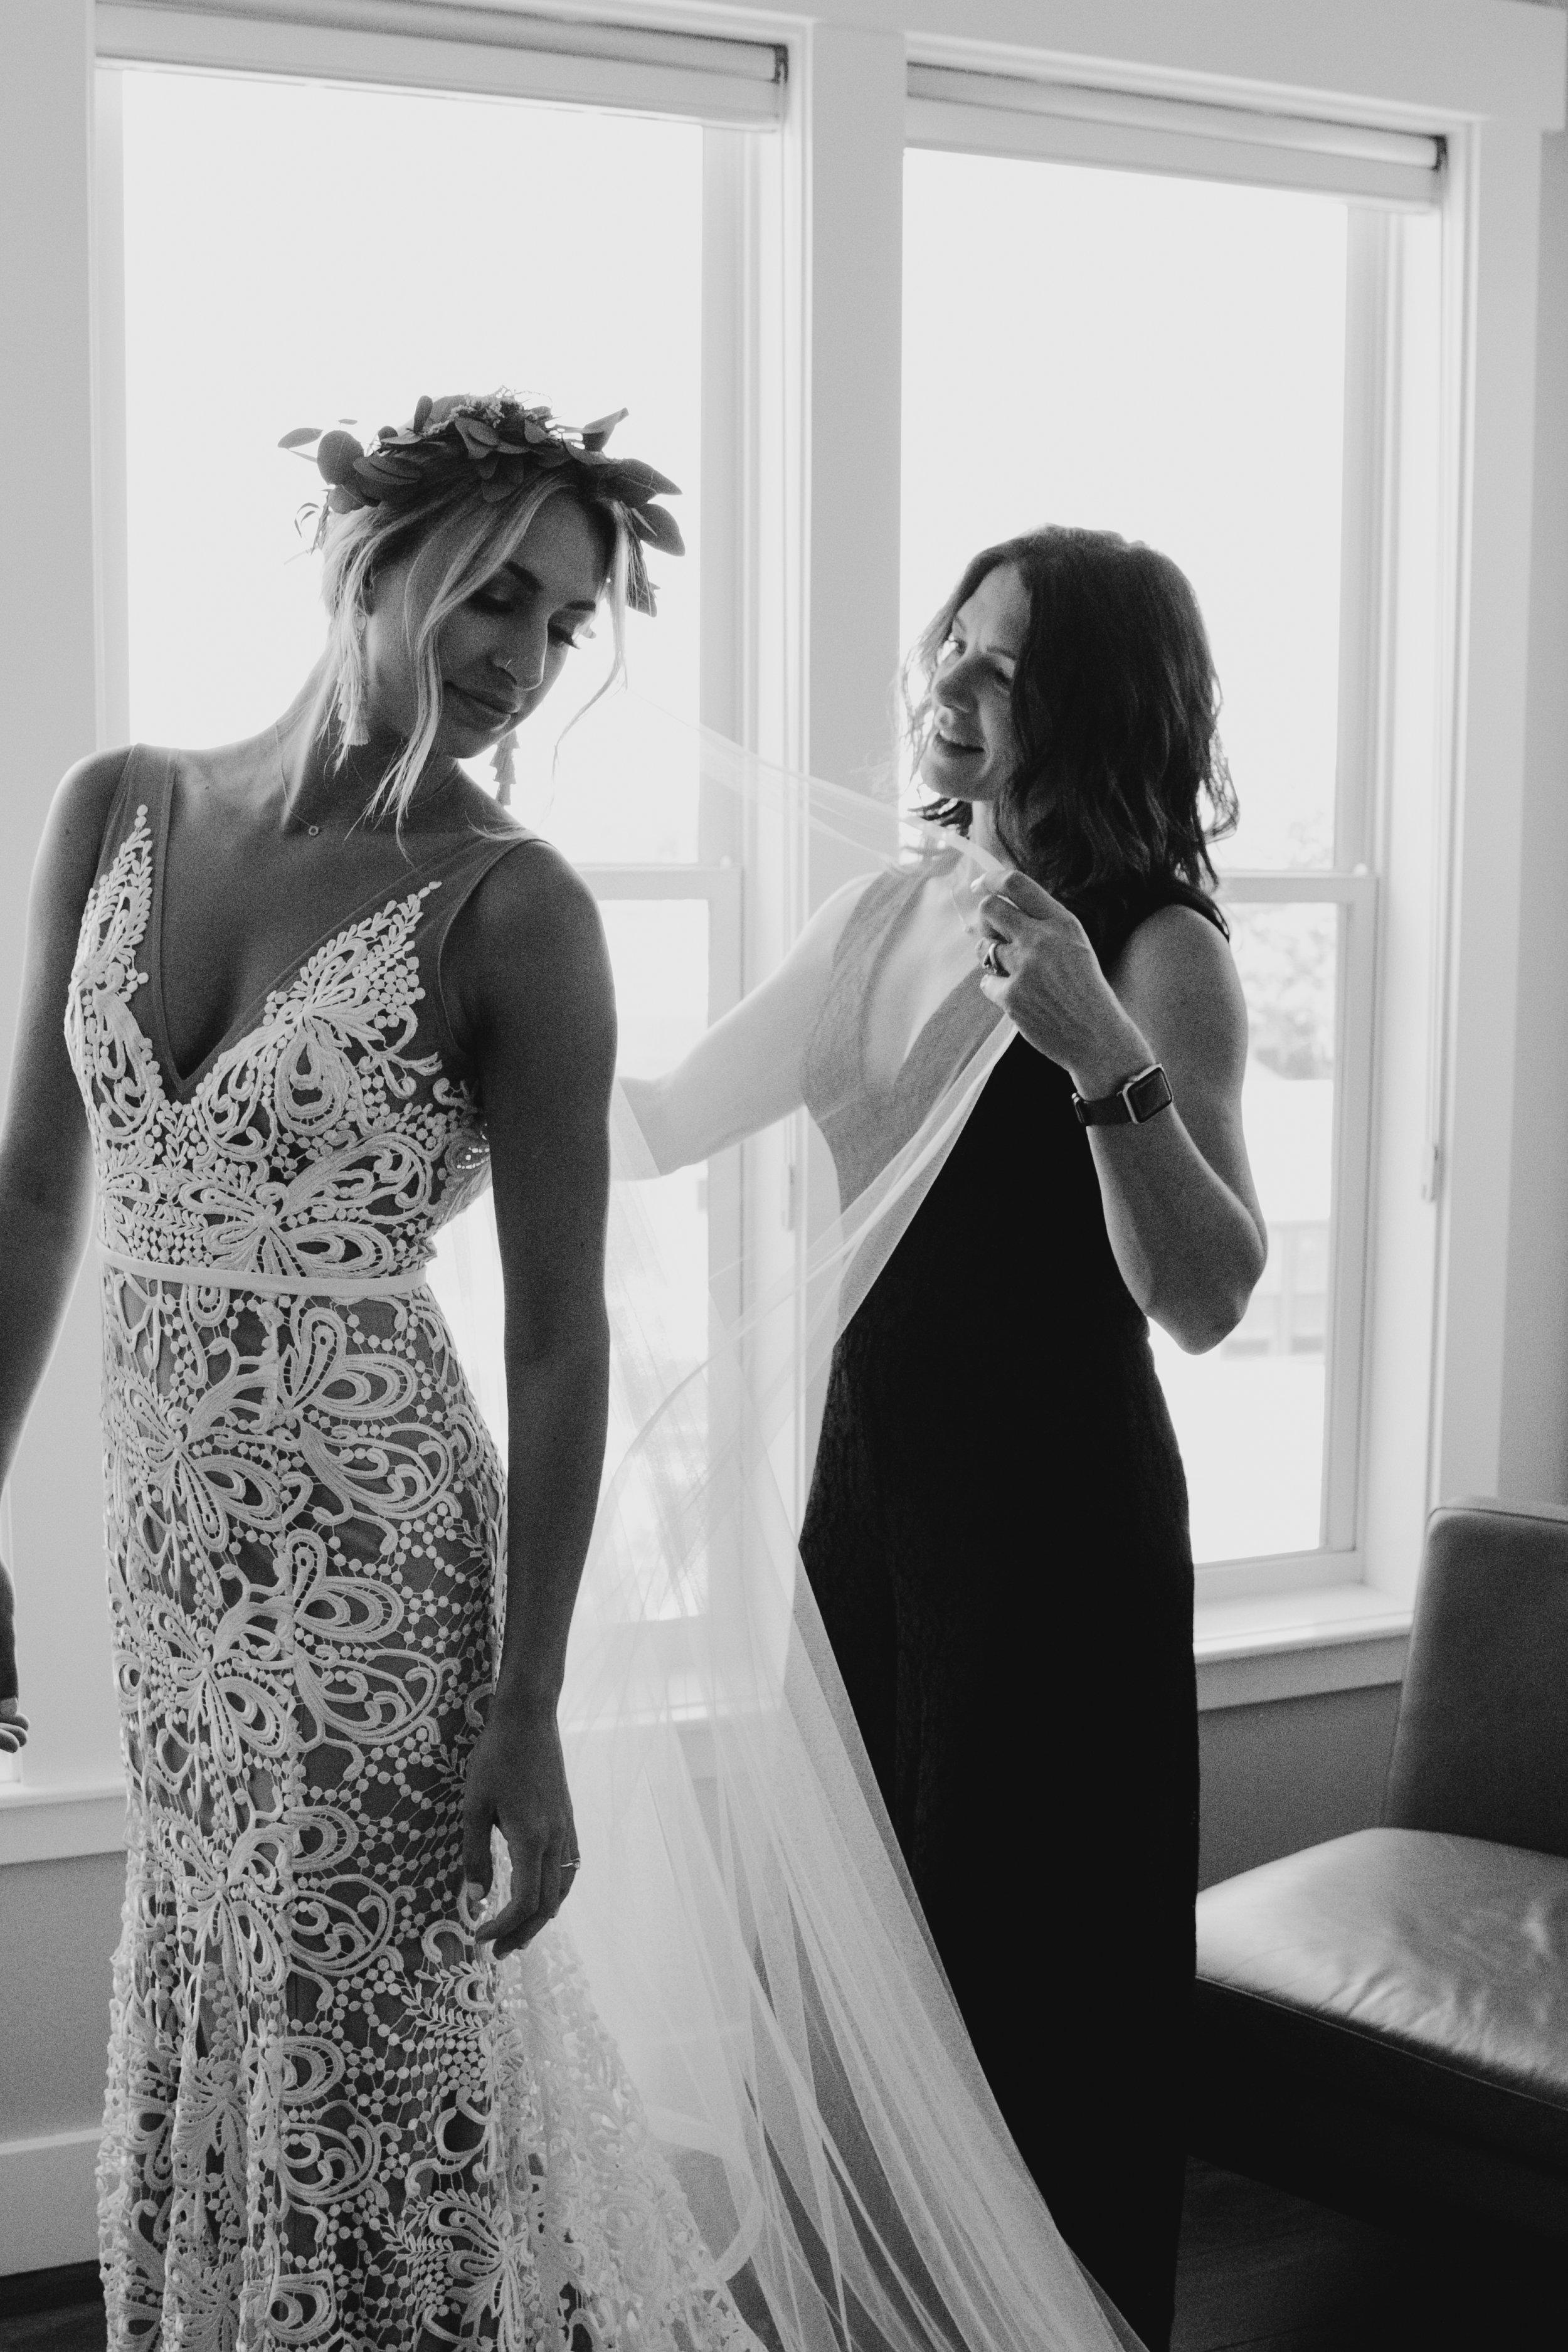 brides+-15 copy.jpg